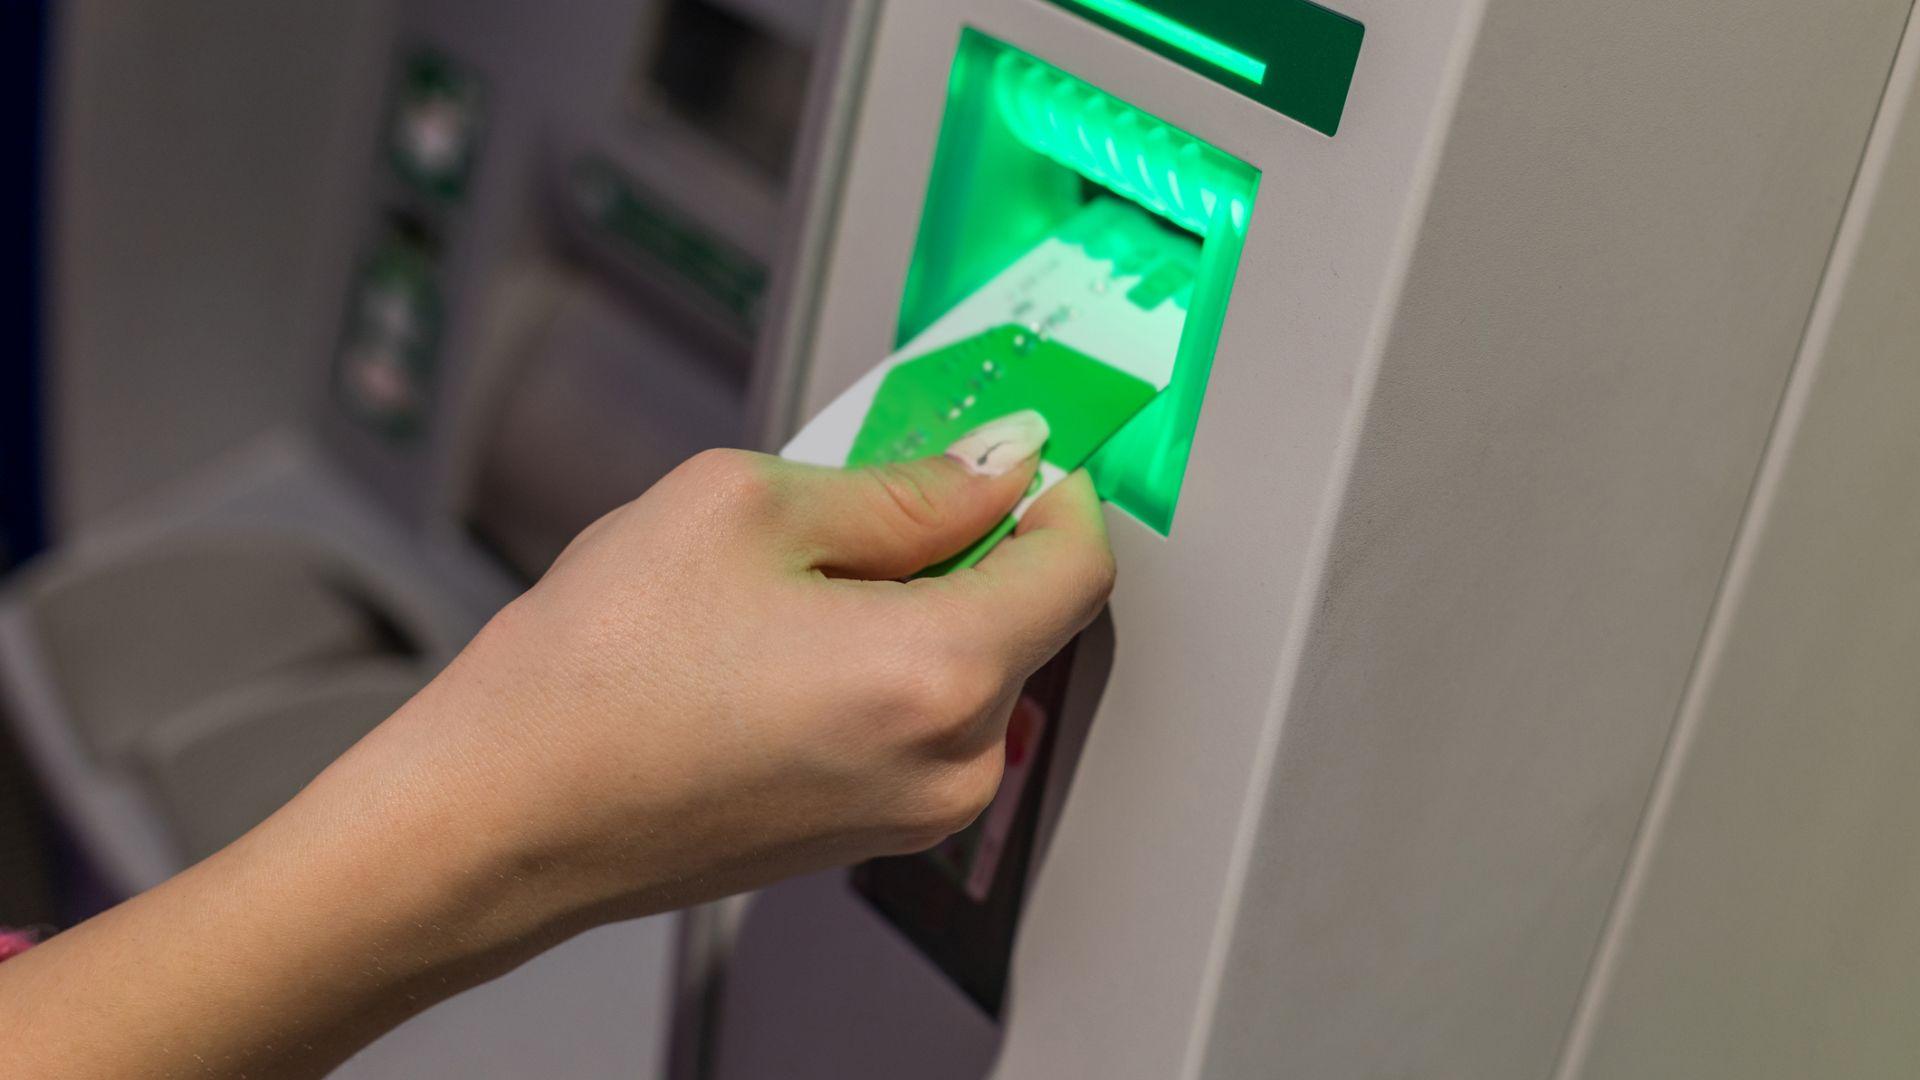 Банки съгласни да разсрочват ипотечни кредити заради епидемията